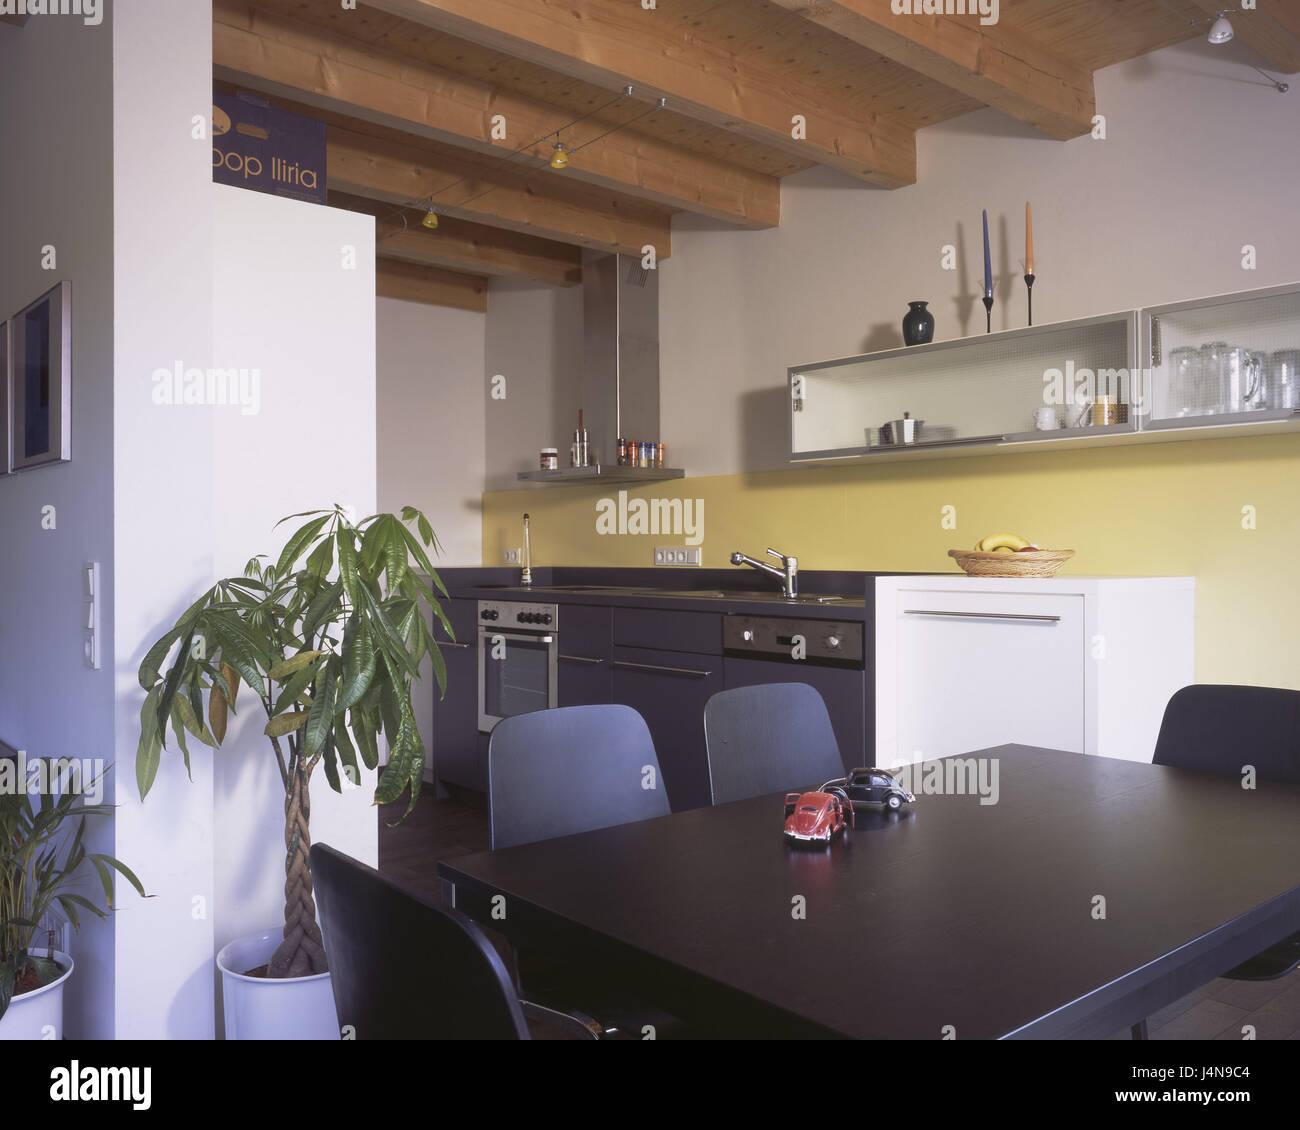 Wohnhaus, lebendigen Platz, Küche, Wohnzimmer, Esstisch, Stühle ...